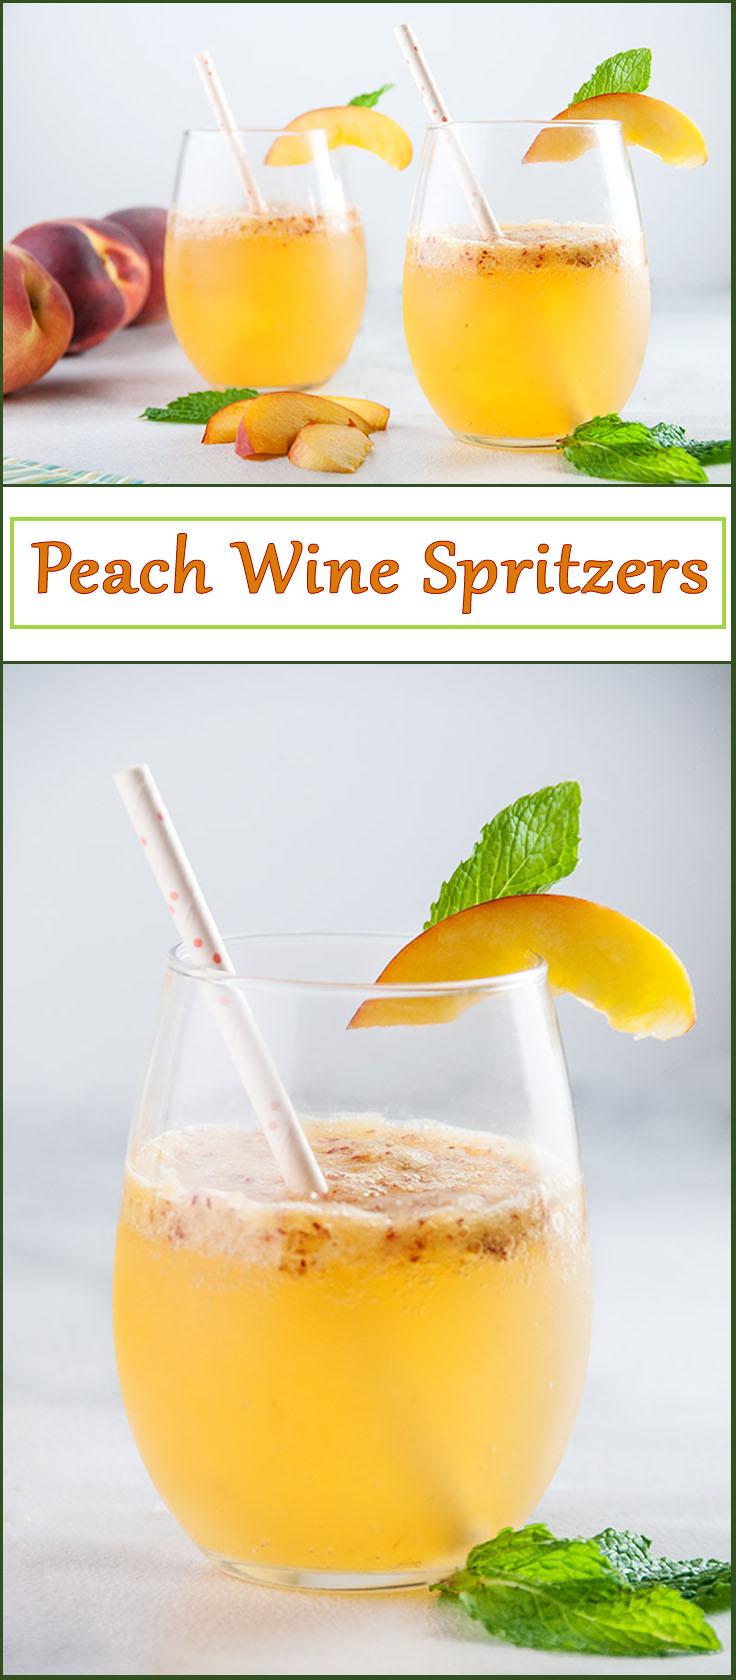 Sparkling Peach Wine Spritzers